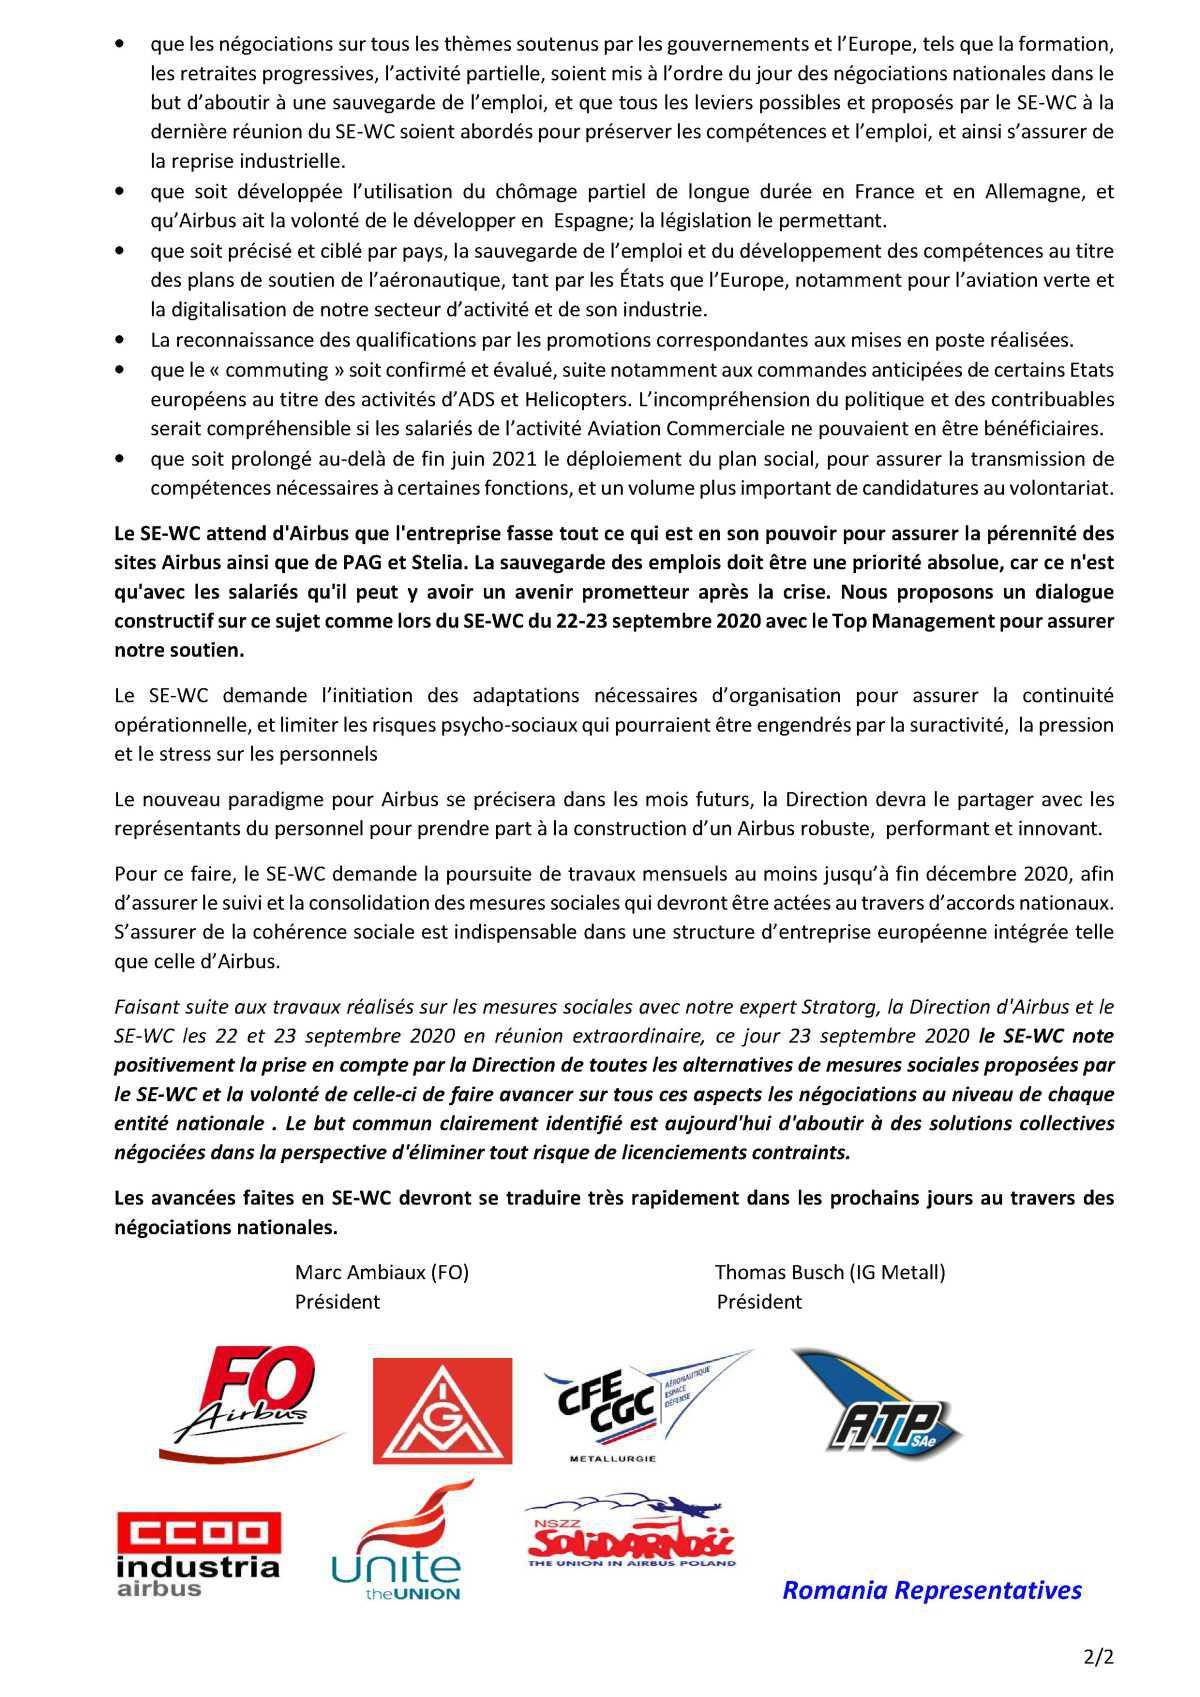 Déclaration du SE-WC des 22 et 23 Septembre 2020 concernant l'information / consultation du projet ODYSSEY